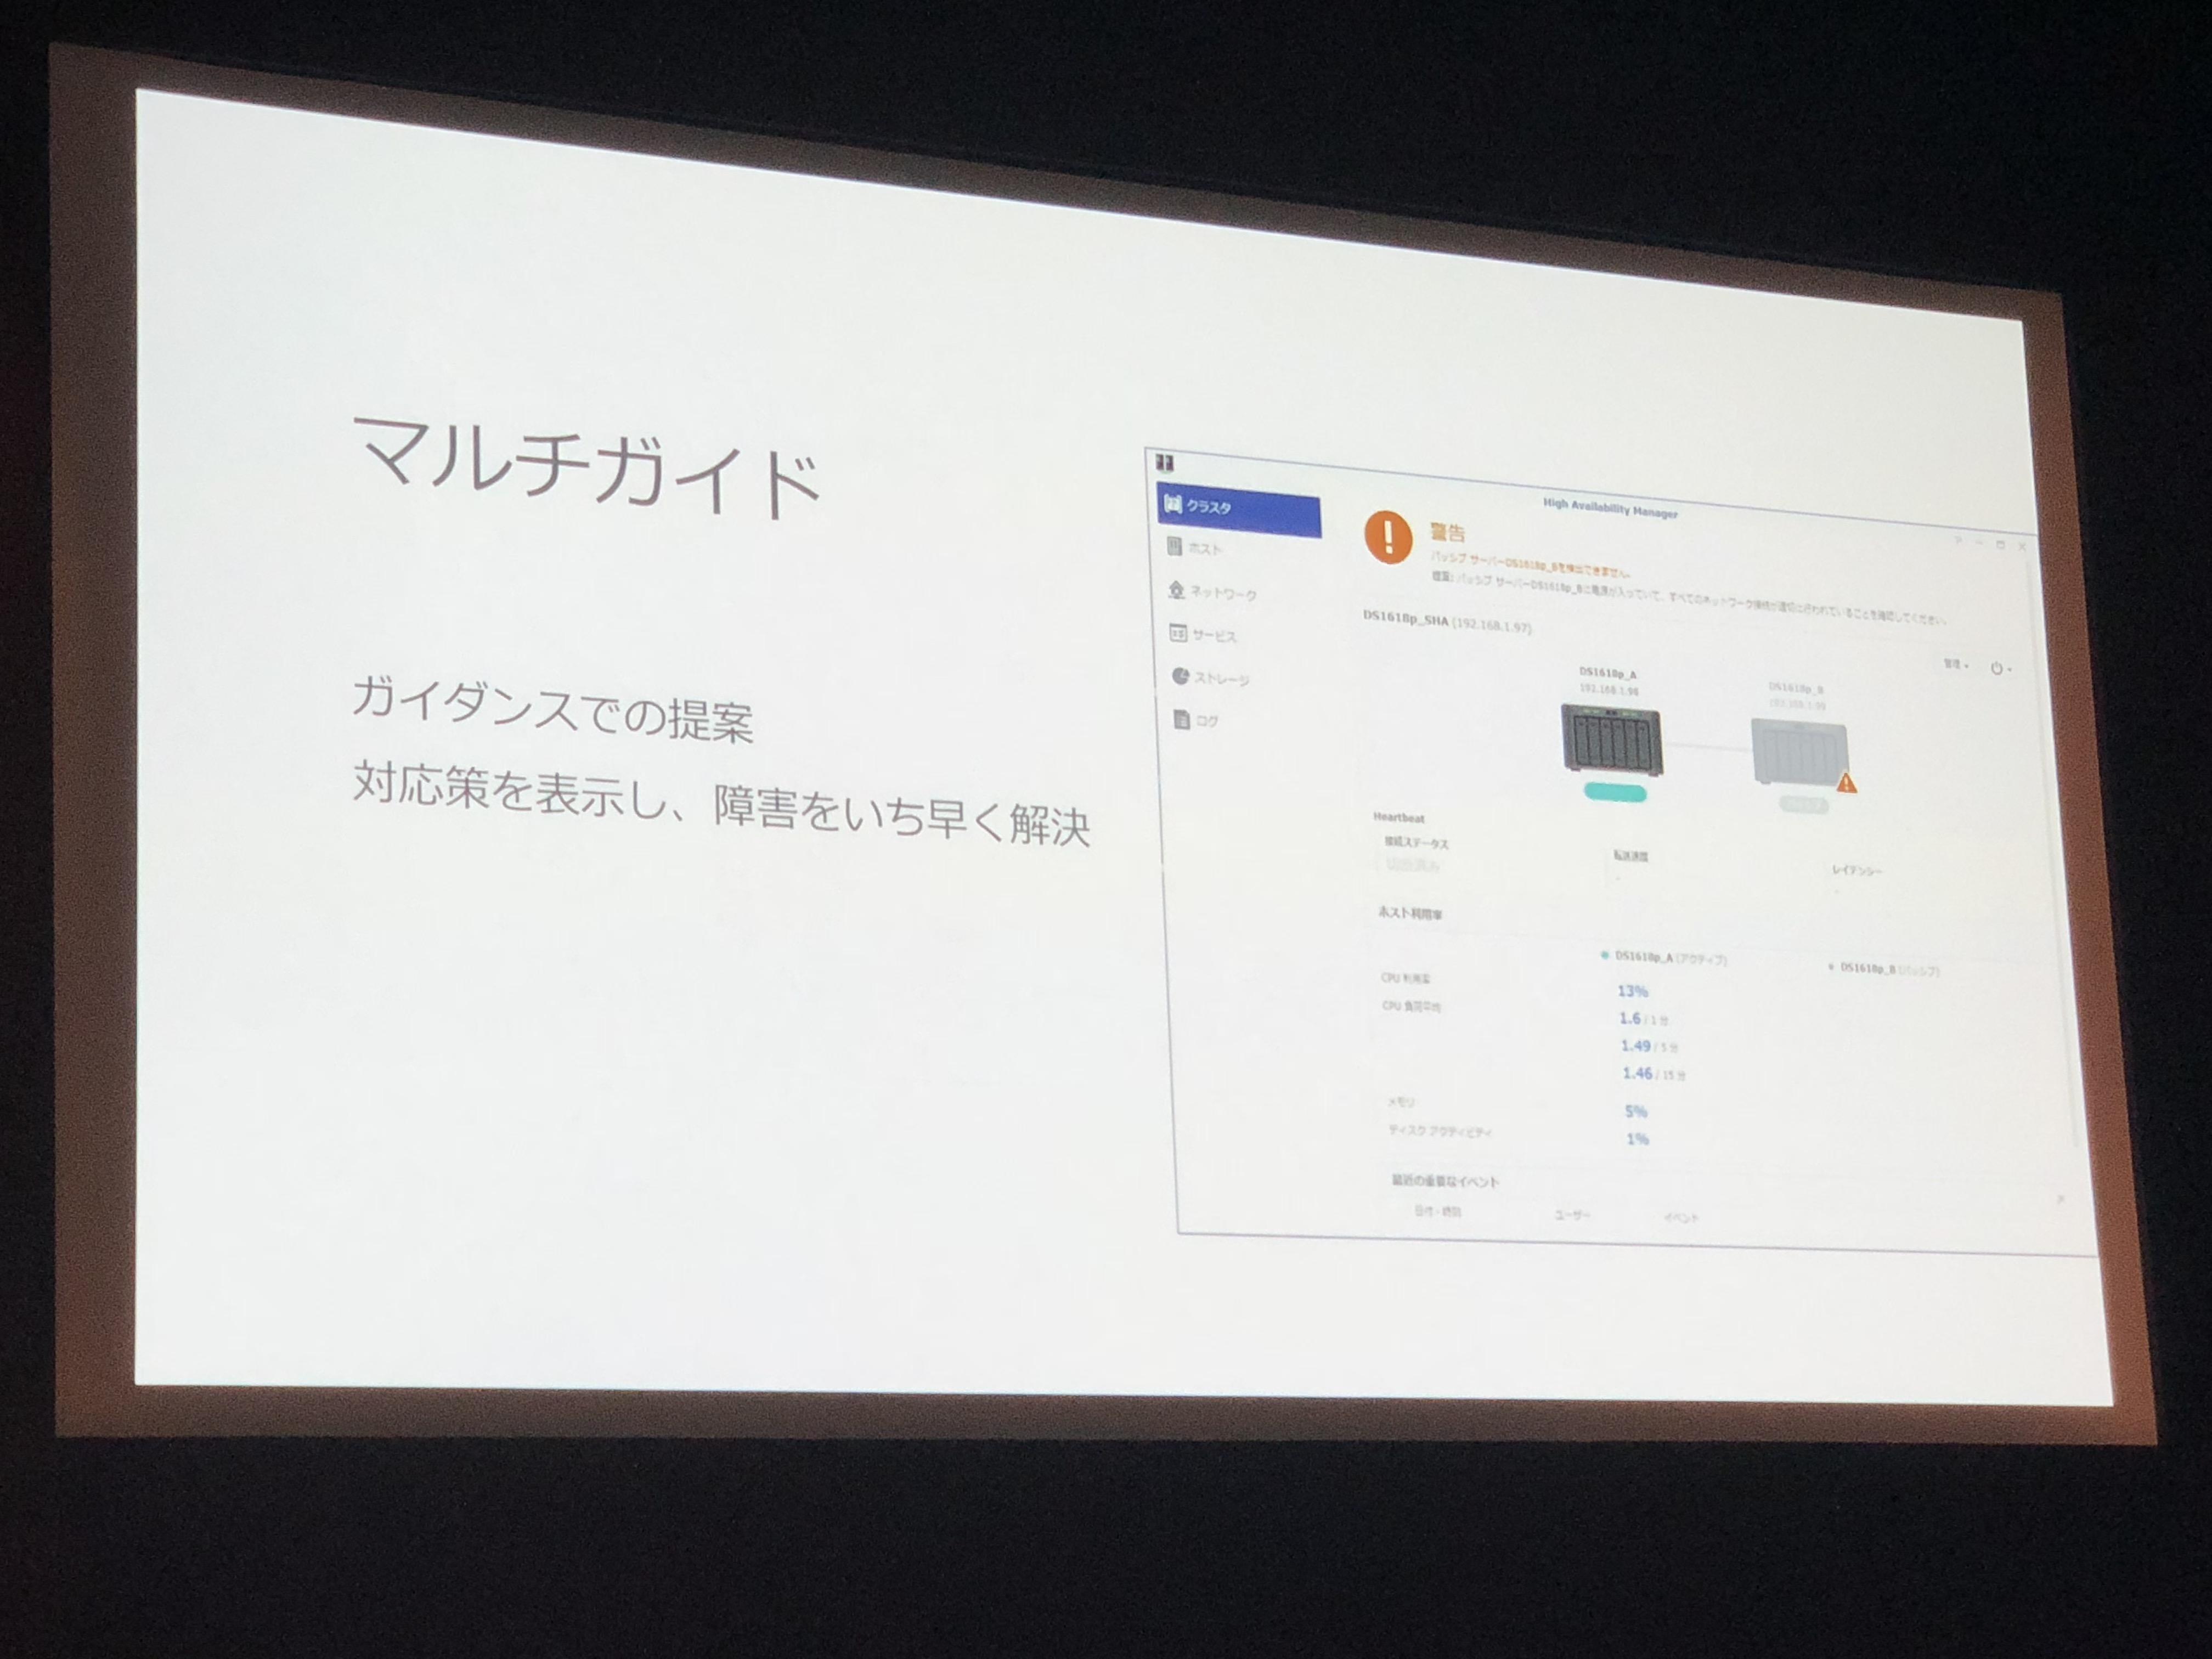 Synology 2019 Tokyo 参加してきました WakuwakuP page